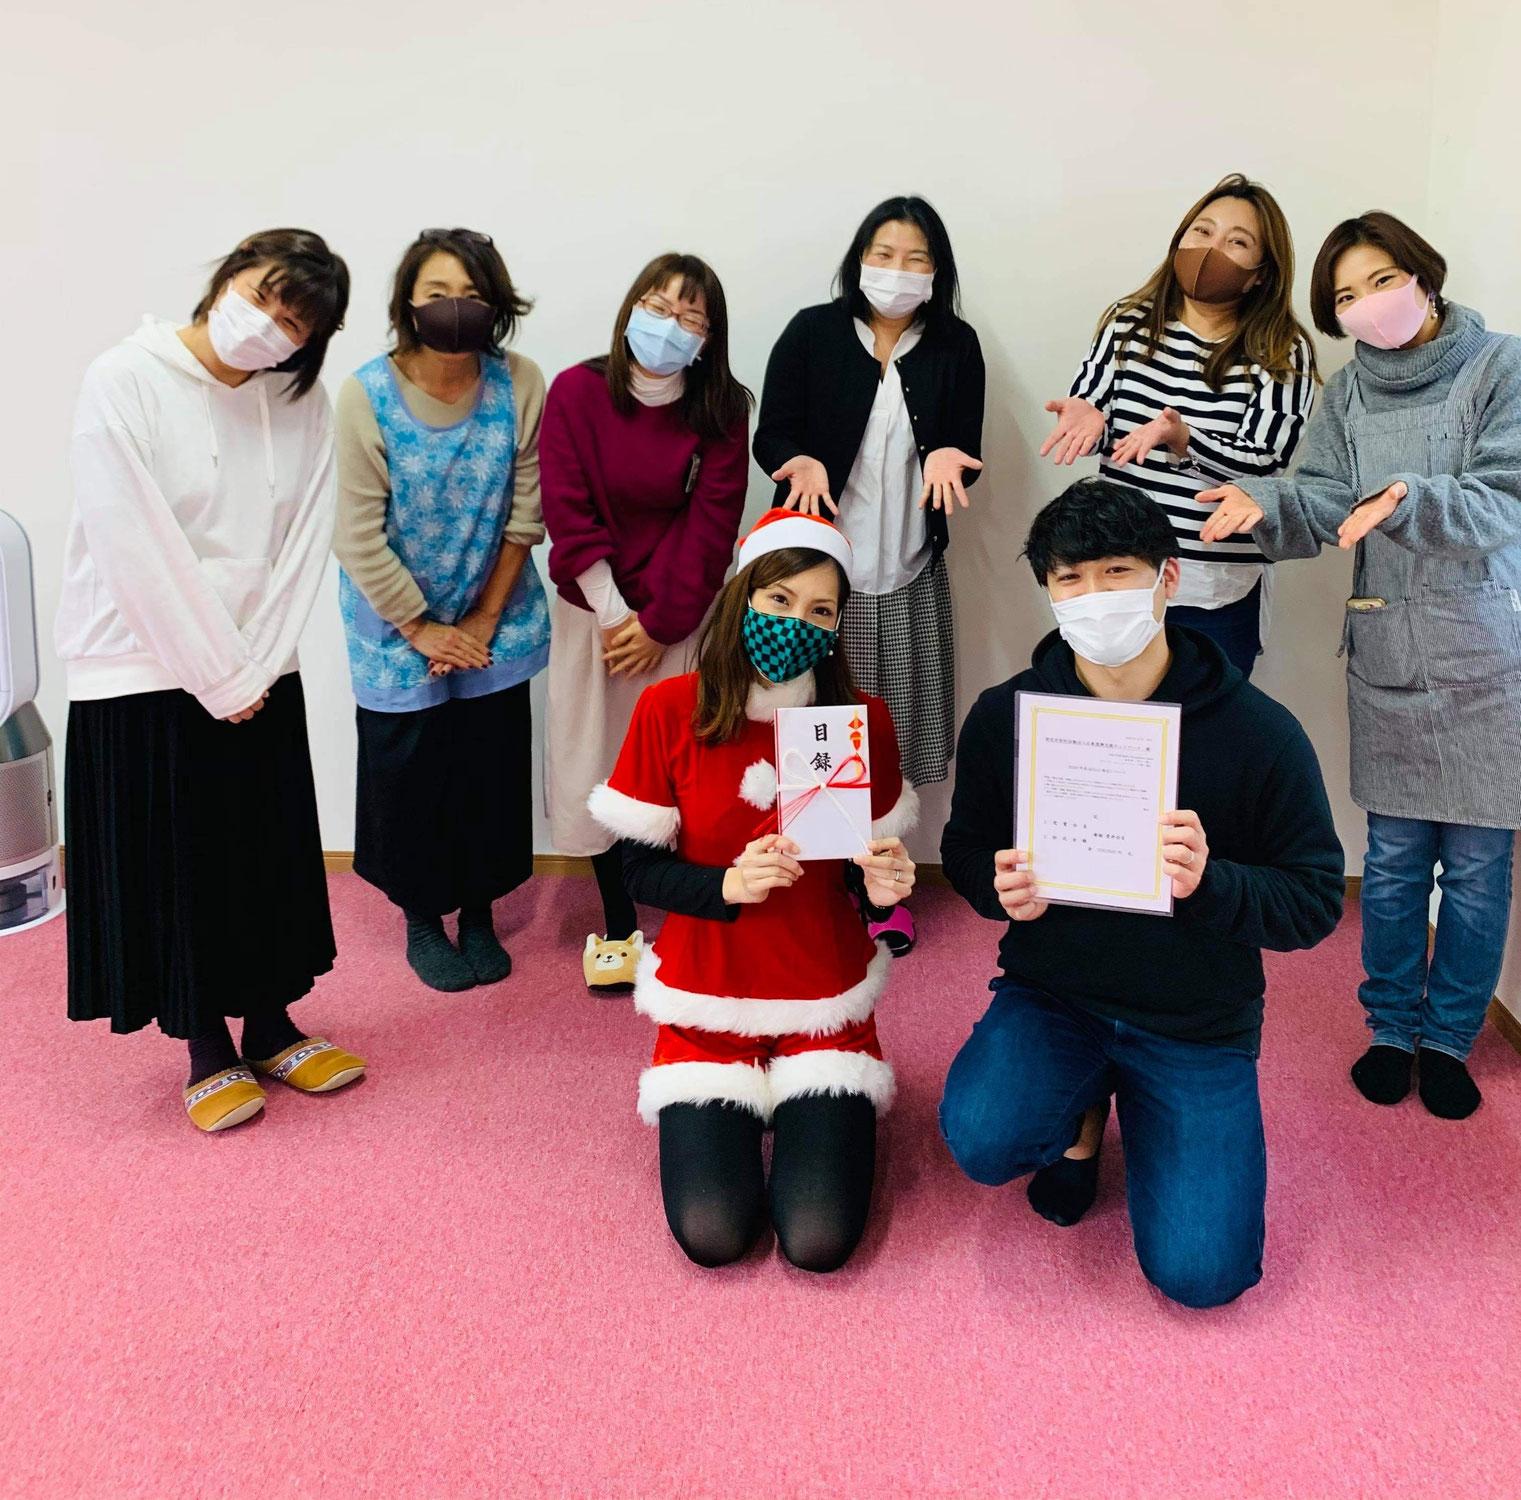 【MDRT Foundation-Japan】2020年度QOLGに選定いただきました!